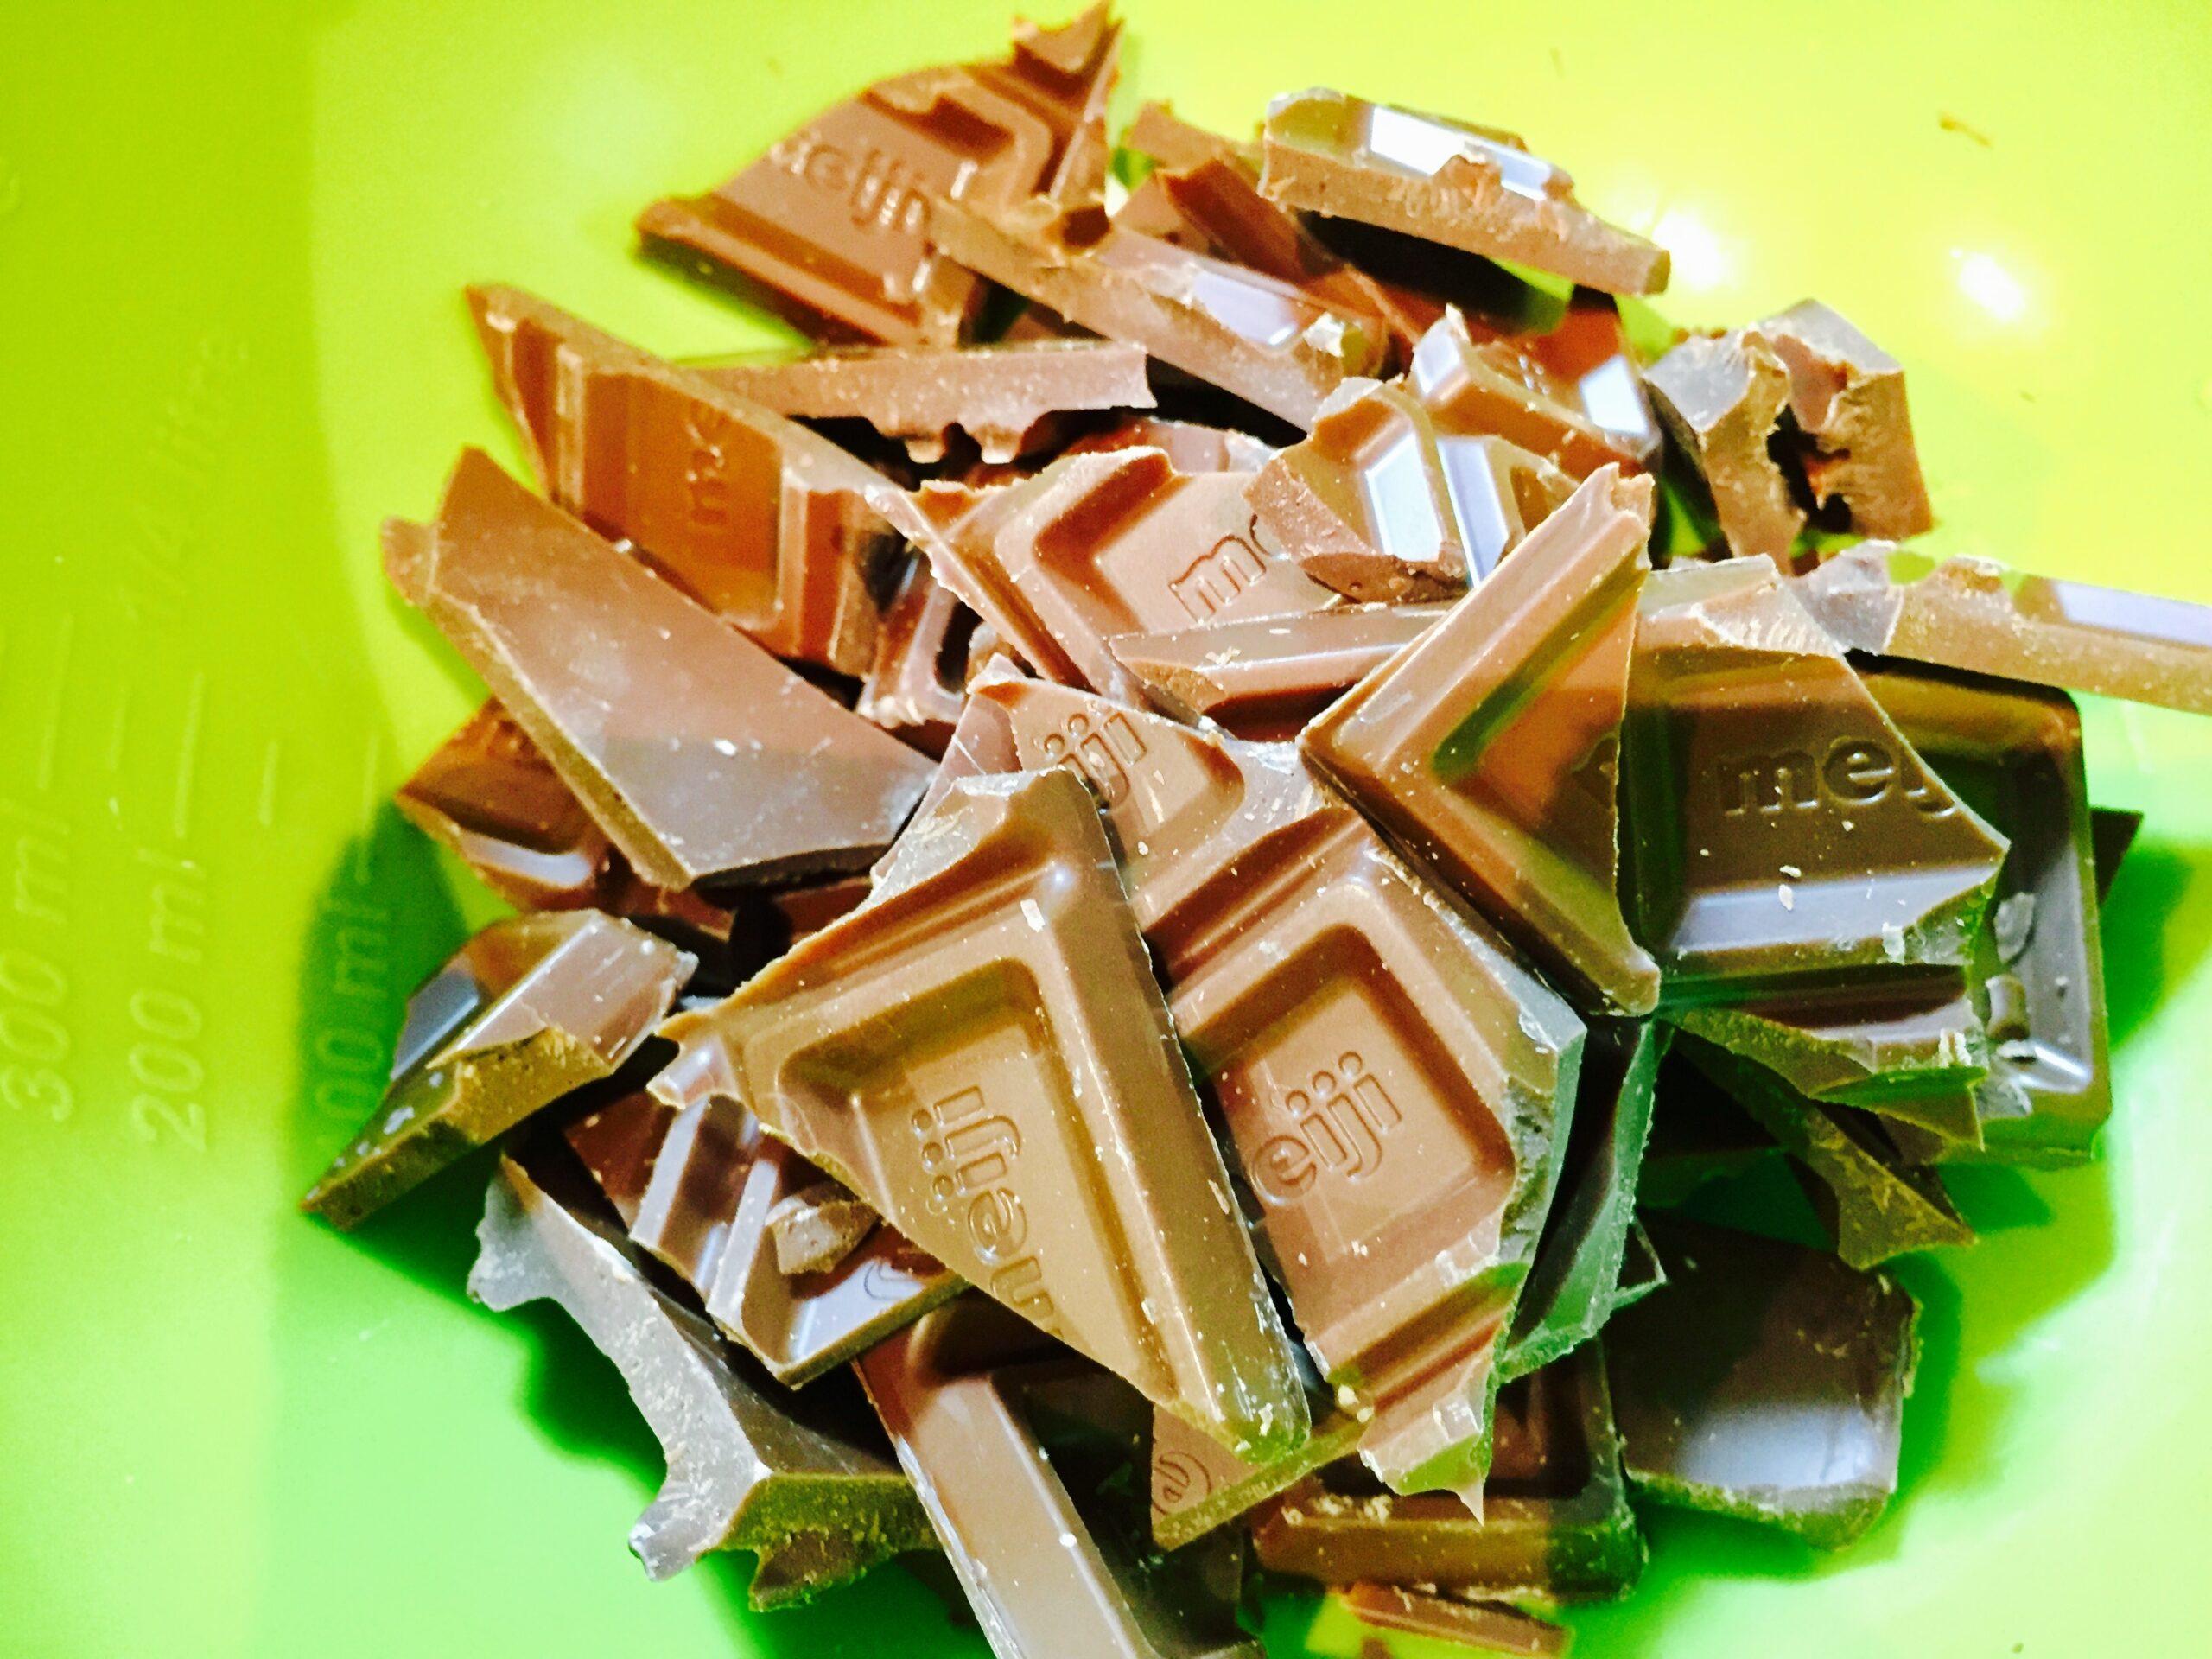 チョコレートをバキバキと折ってボウルに入れます。